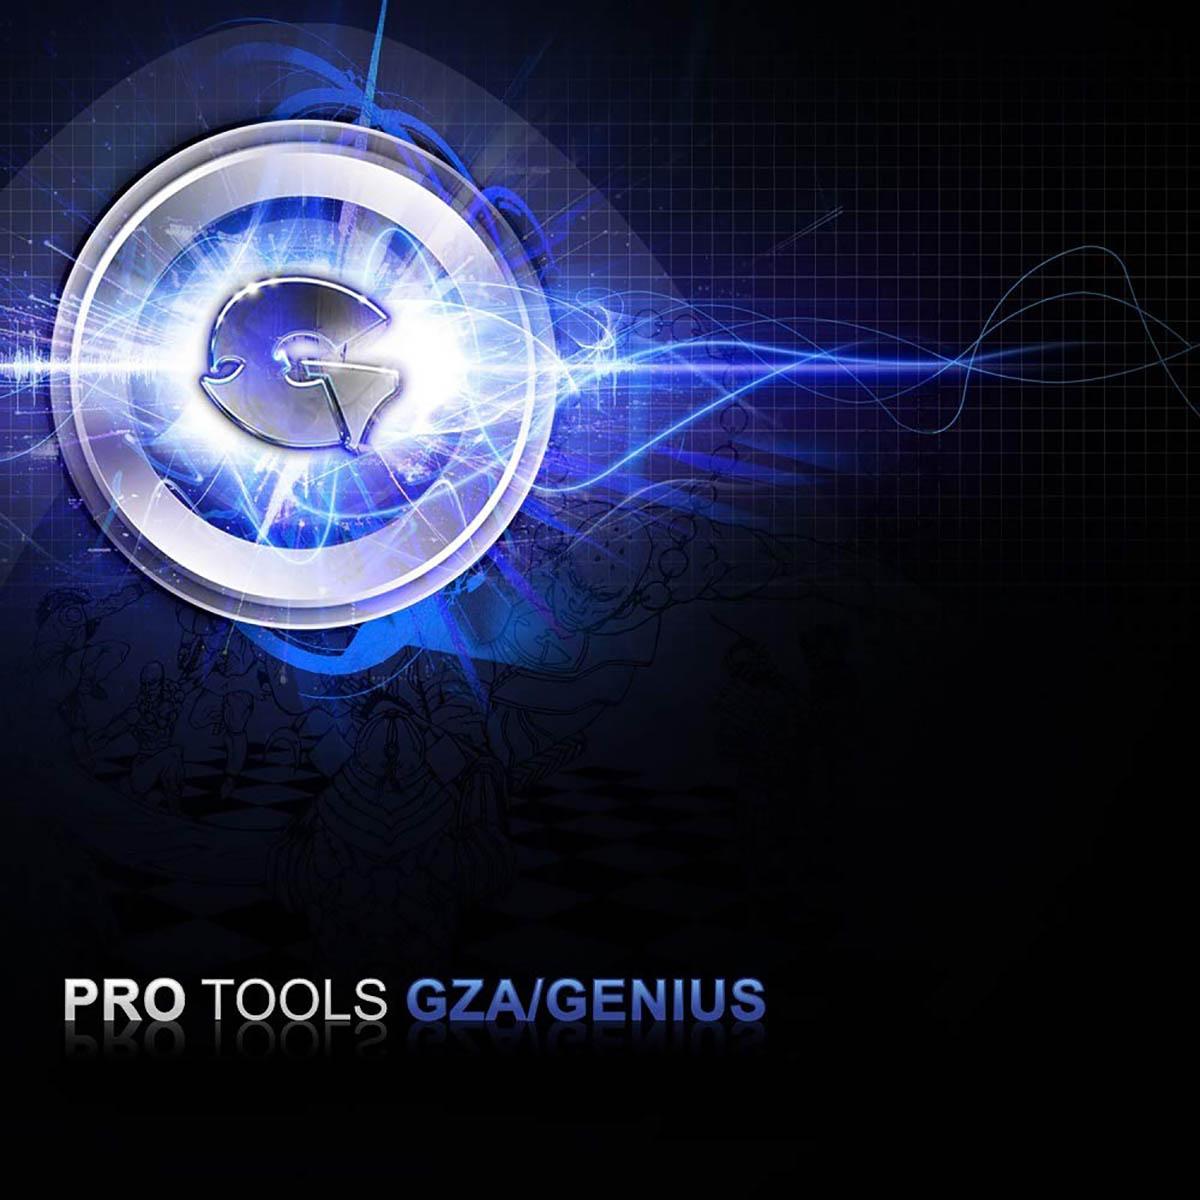 GZA/Genius, Pro Tools